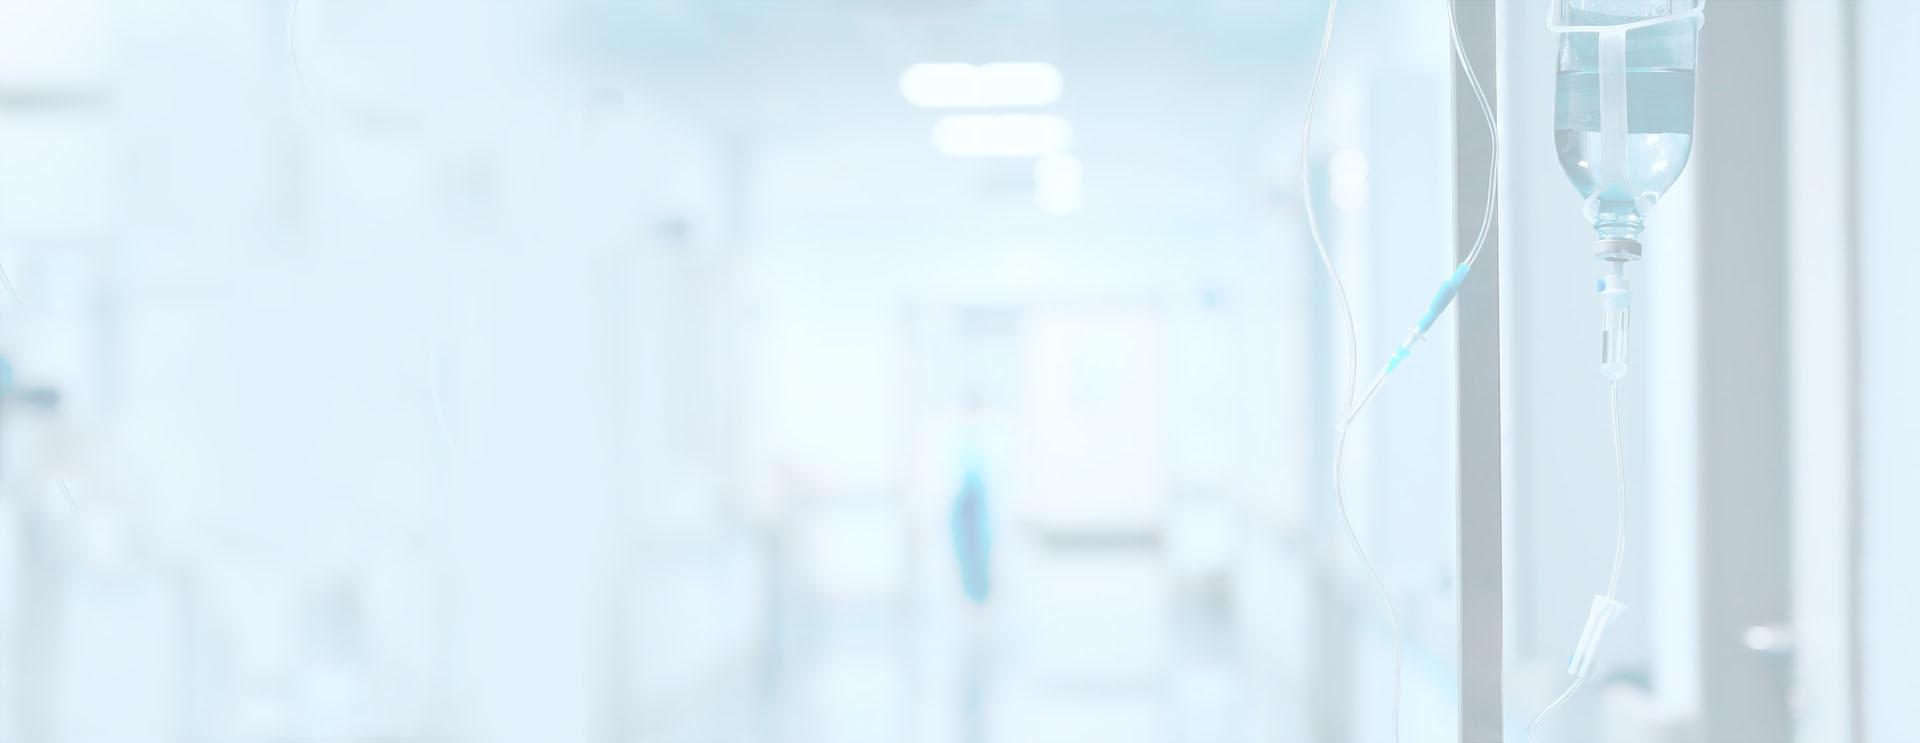 Вывод из запоя в стационаре в Куйбышеве: комплексная помощь врачей клиники